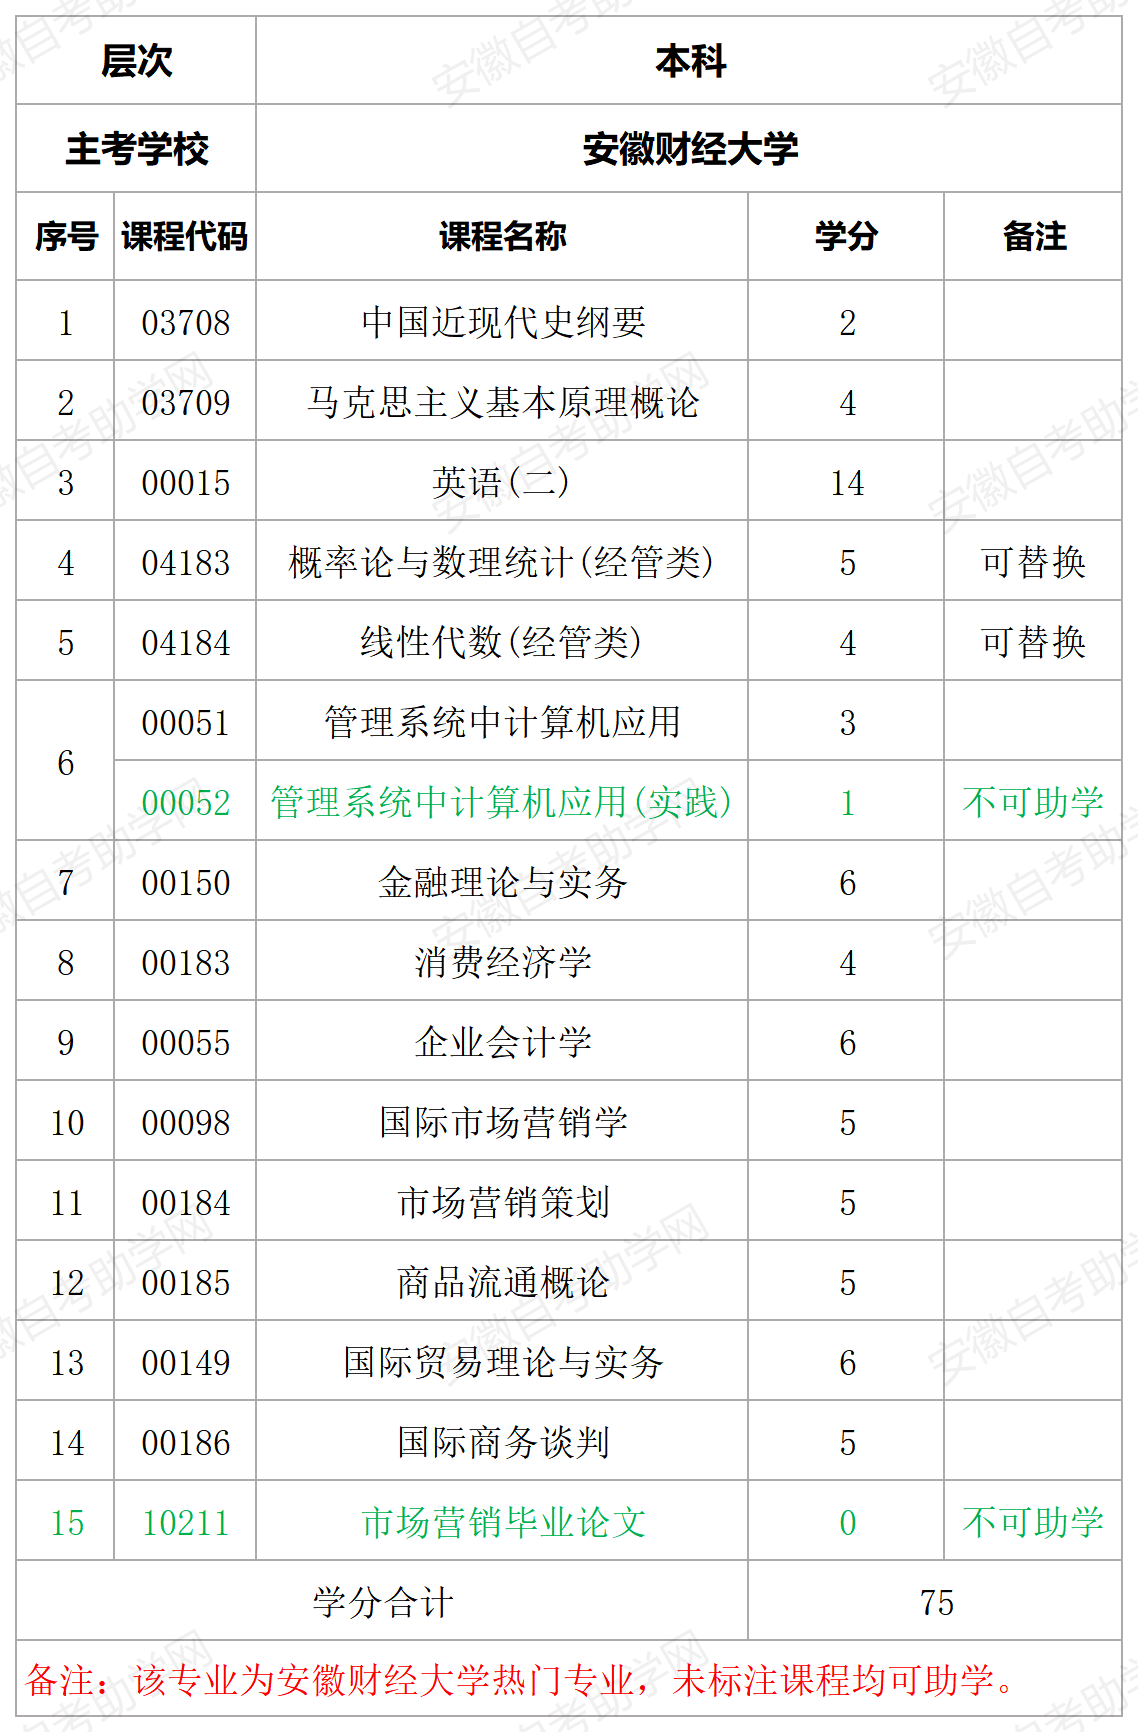 安徽财经大学市场营销本科助学课程详情表